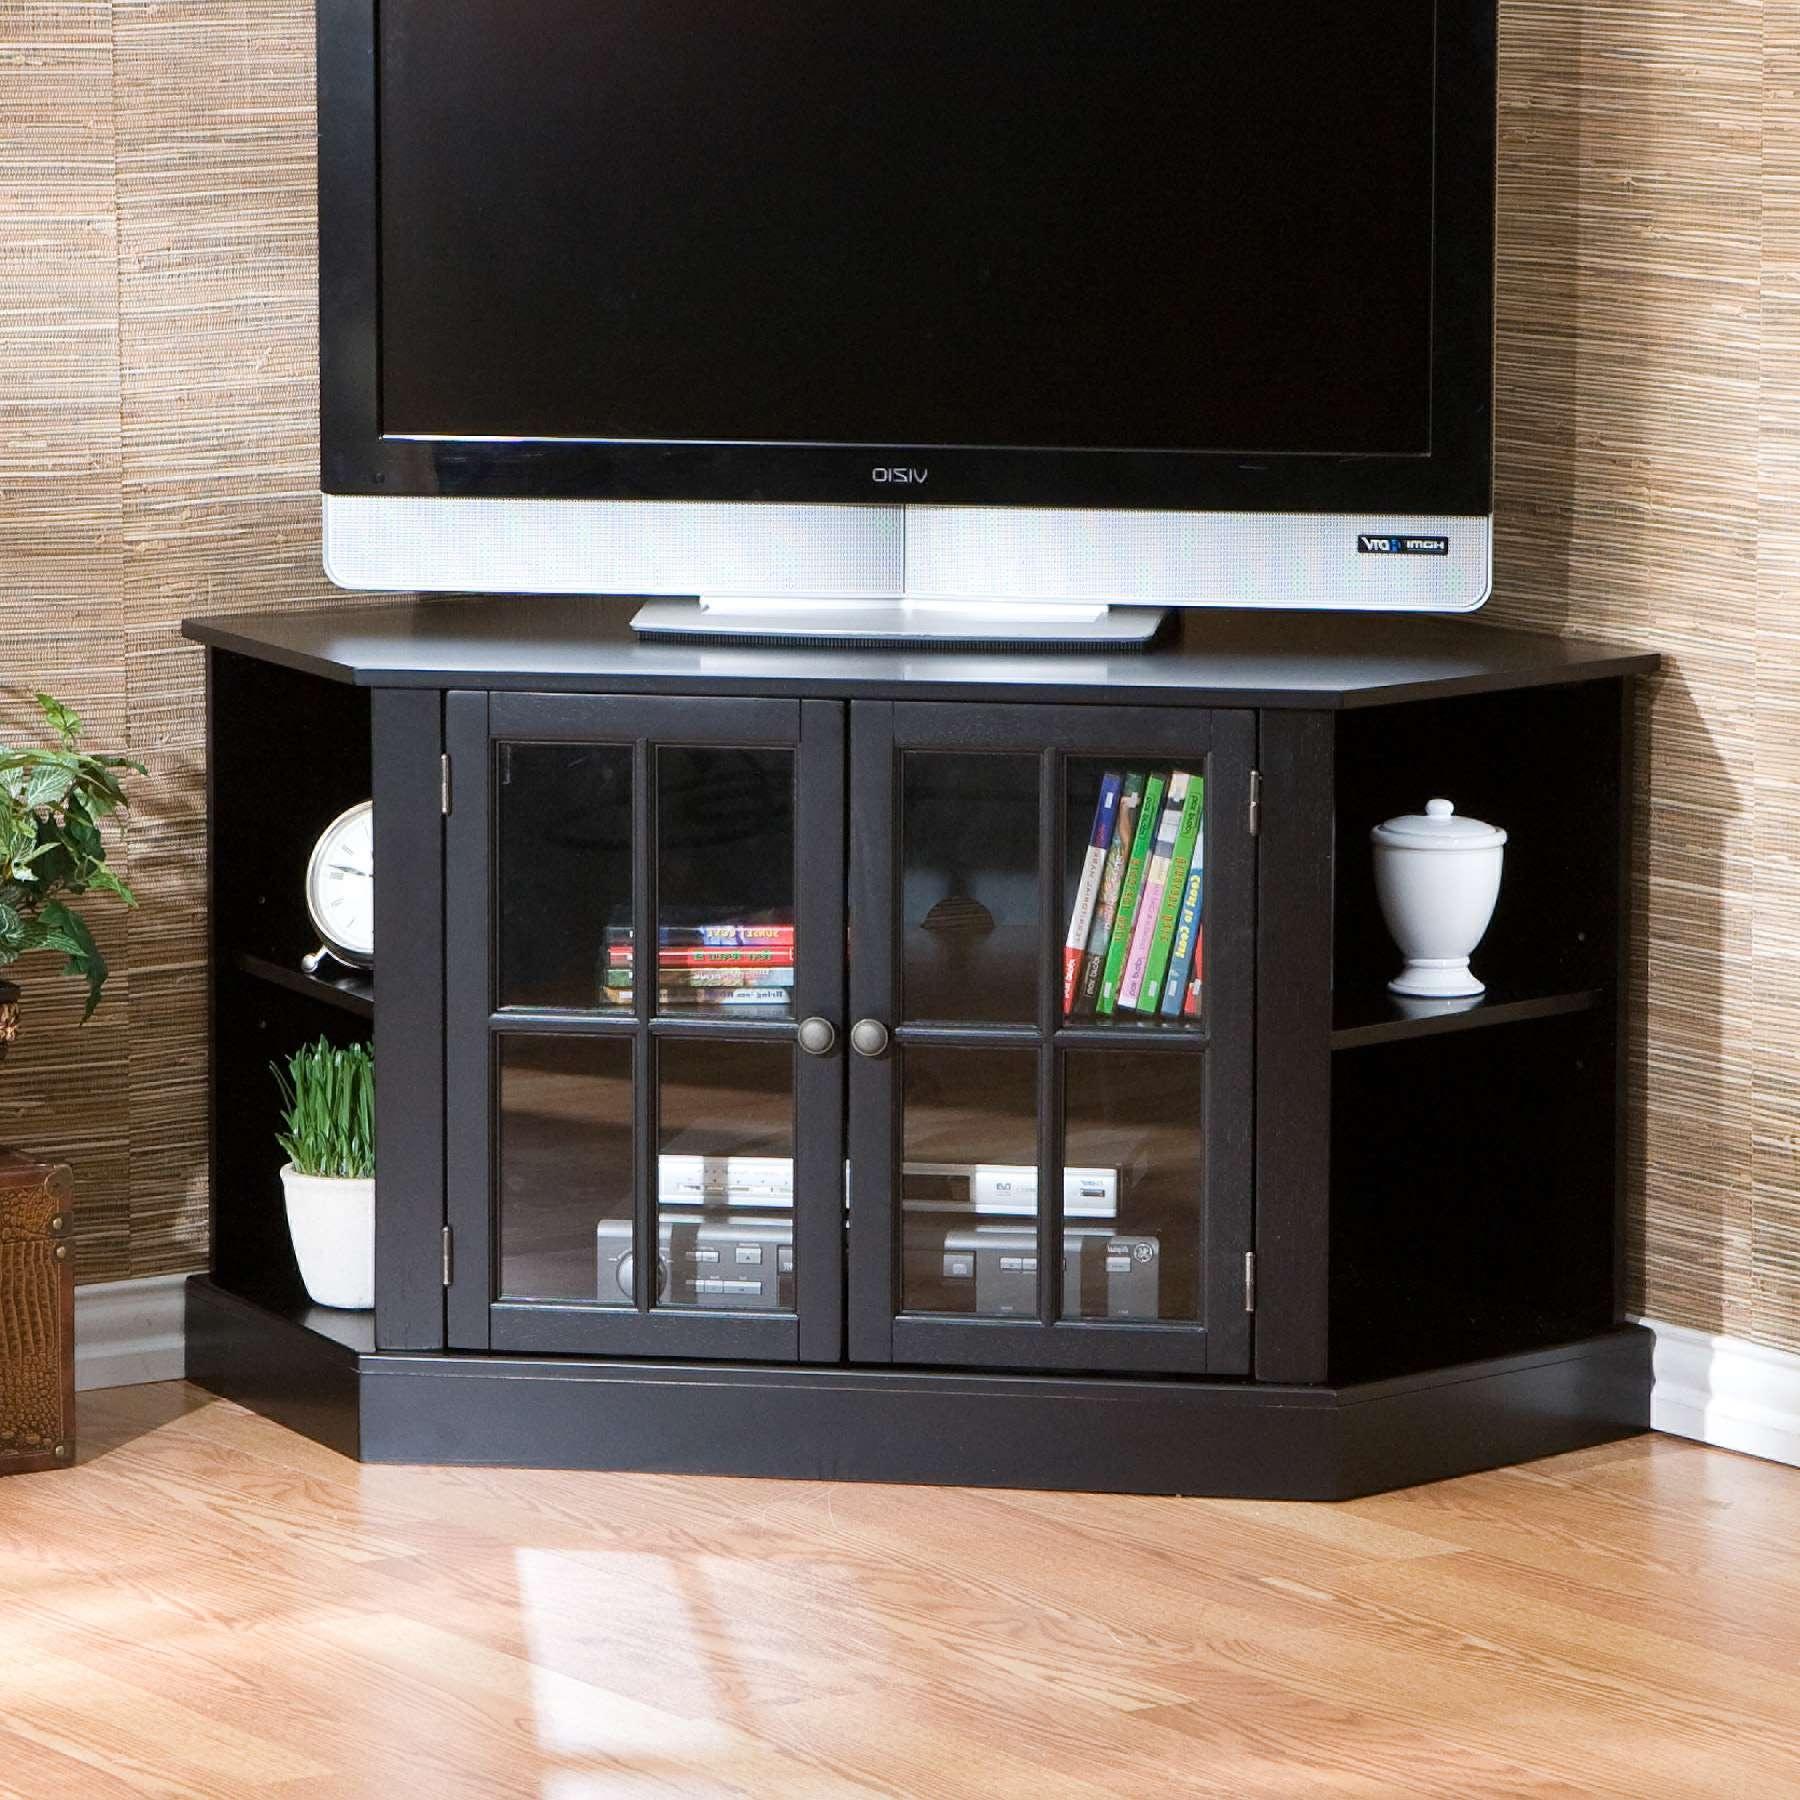 Ms9772 Media Cabinet With Doors To Hide Tv Hidden Cabinets For With Black Tv Cabinets With Doors (View 12 of 20)